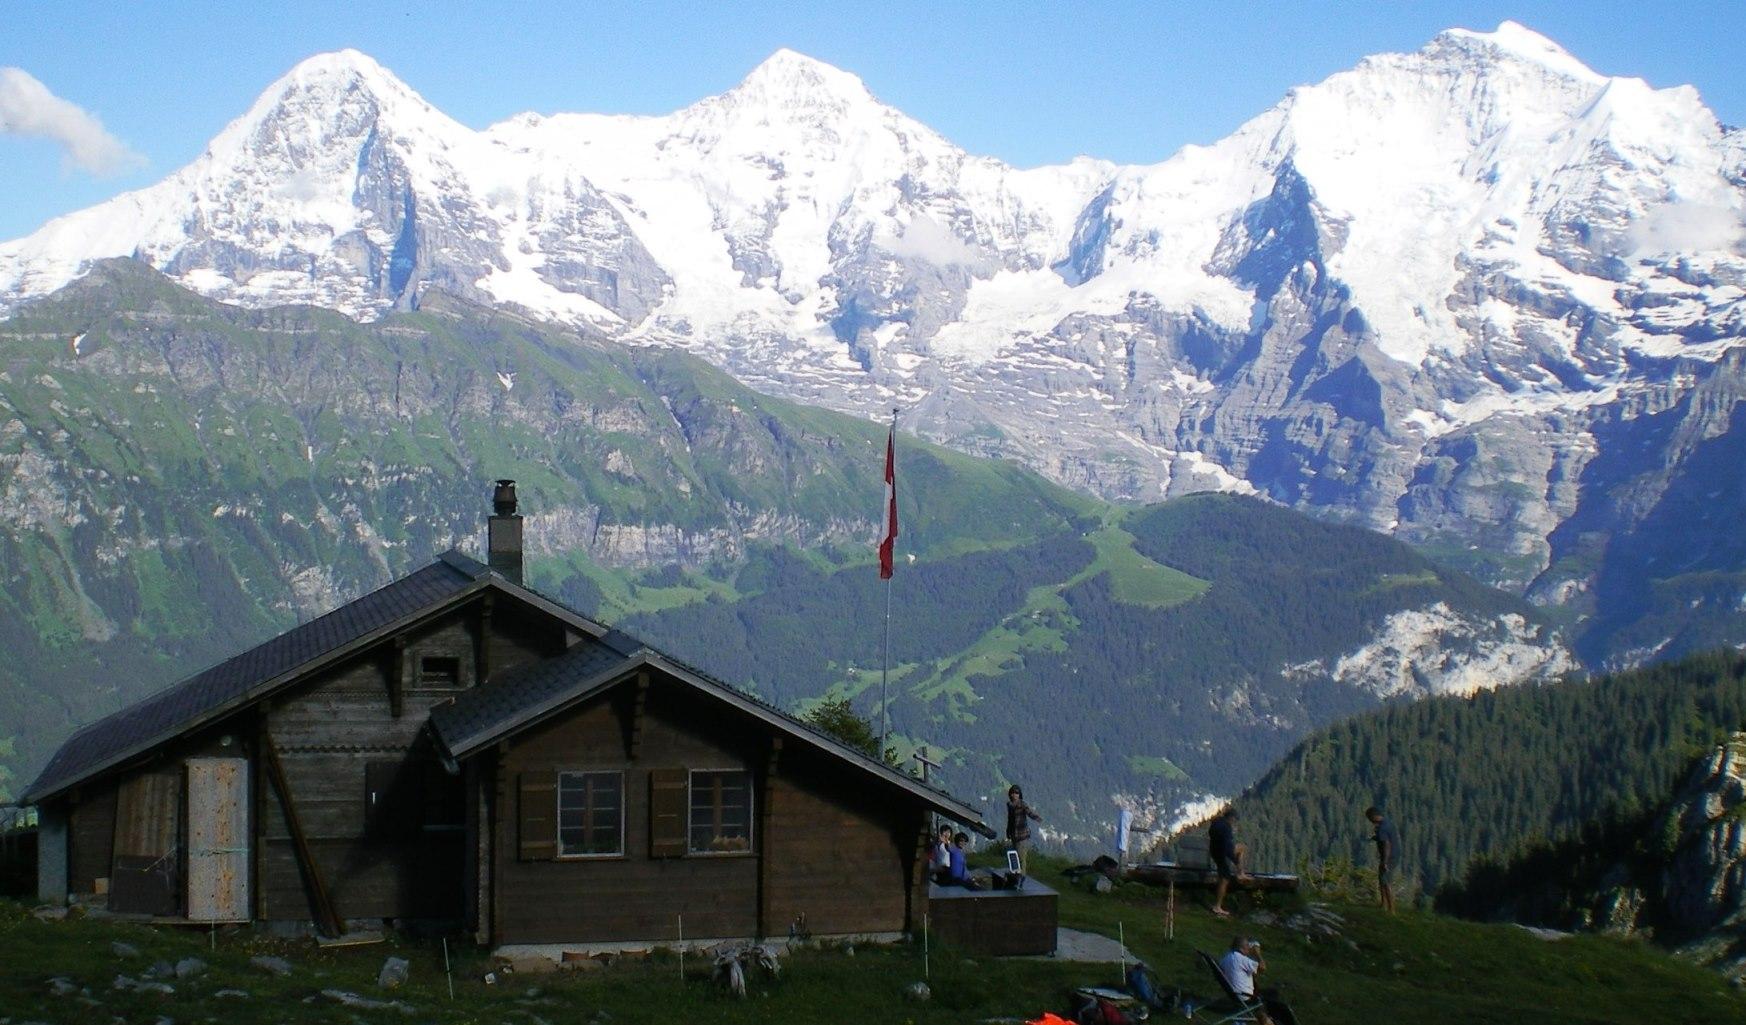 ベルナー・オーバーラント三山を正面に望む